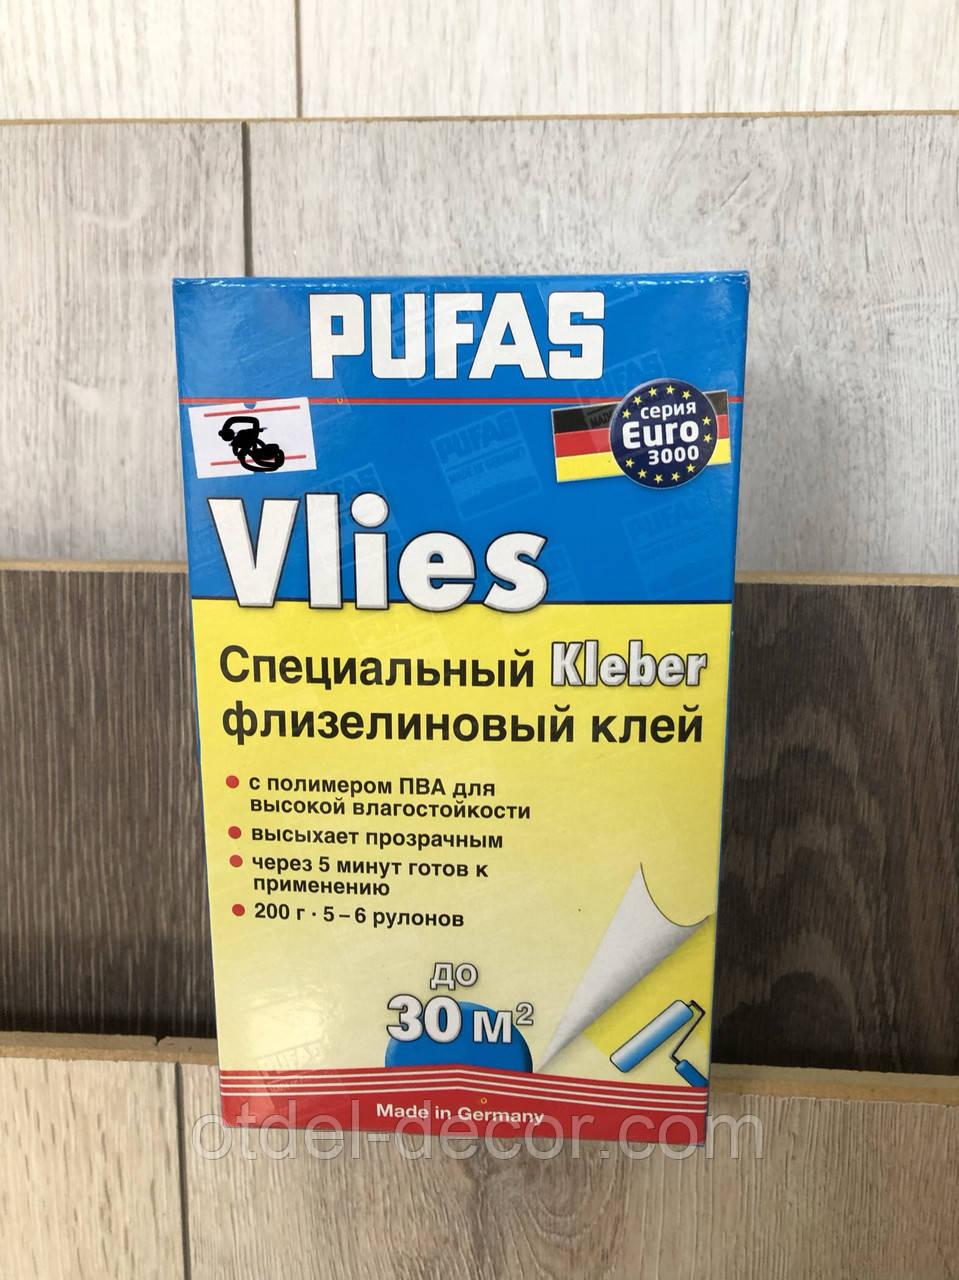 Клей обойный Пуфас Флизелин (Pufas Vlies) 200гр